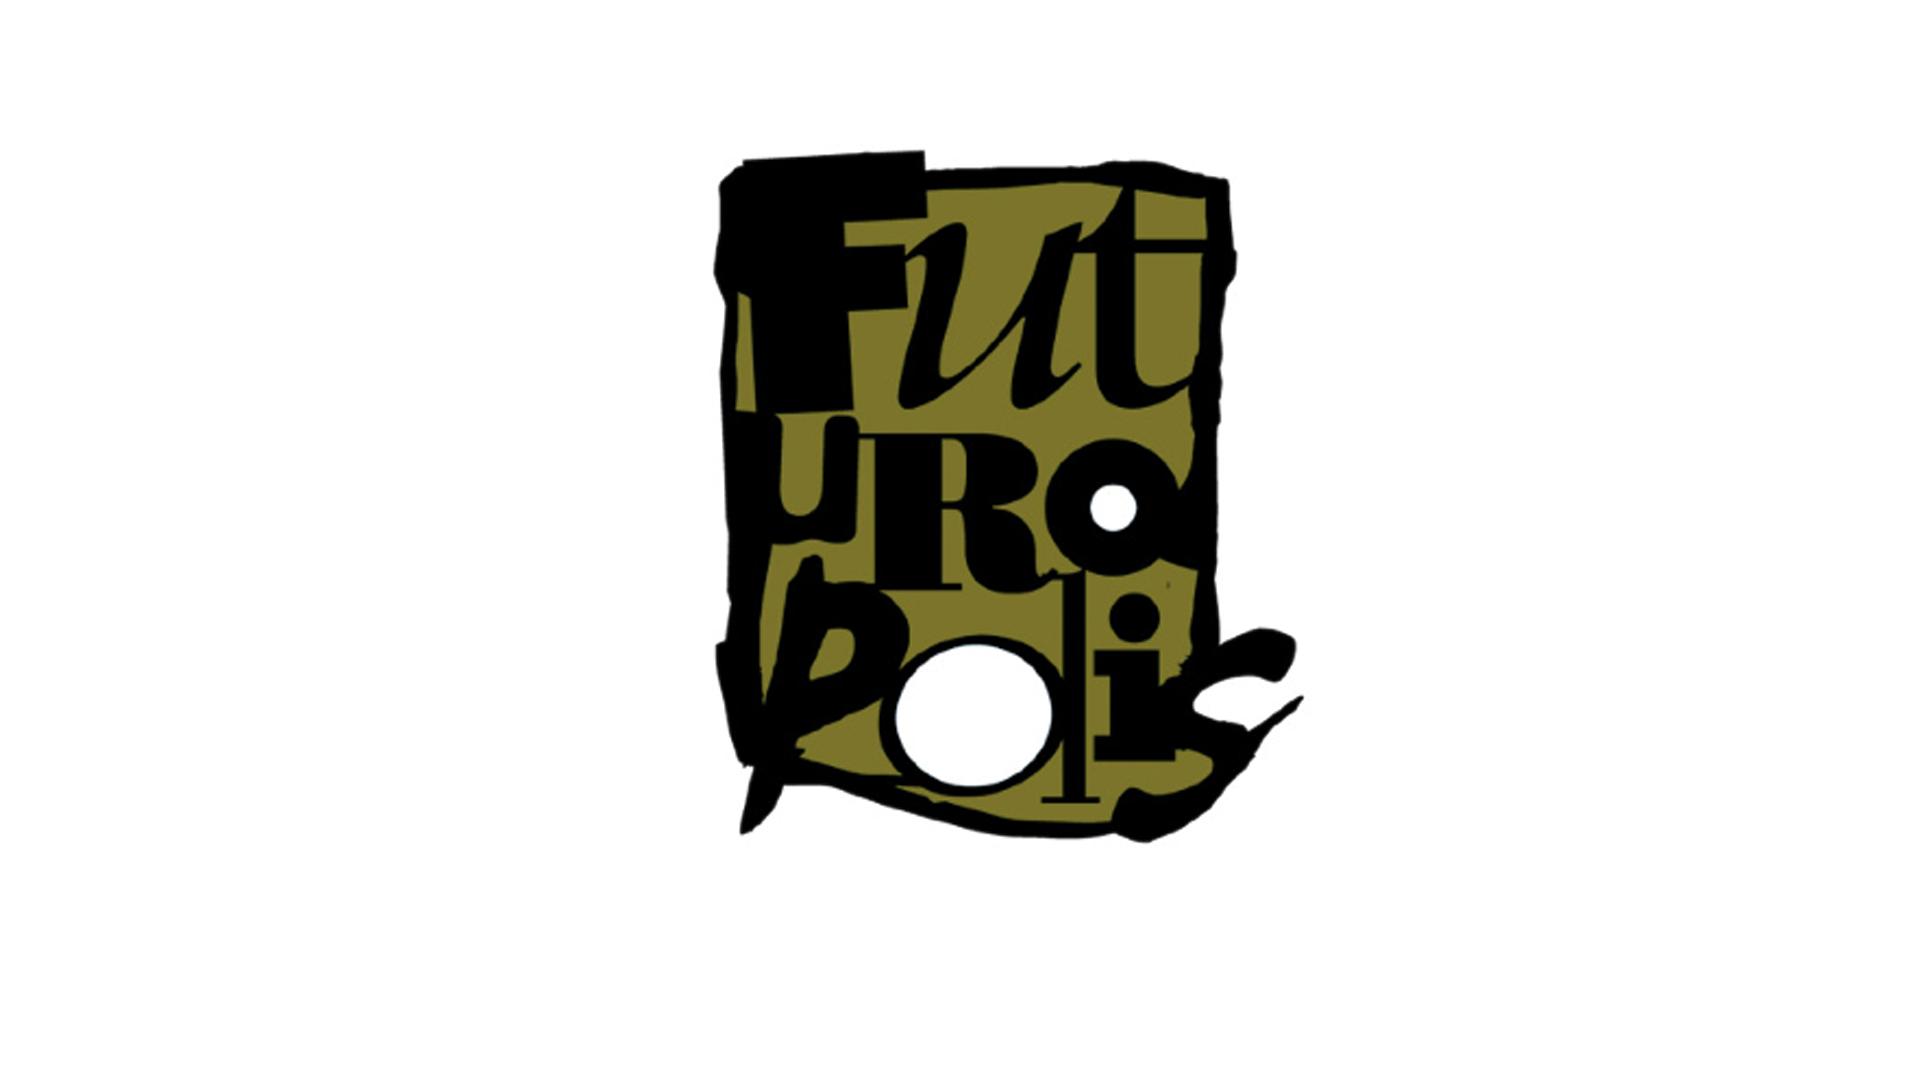 La maison d'édition Futuropolis a été fondée en 1972.